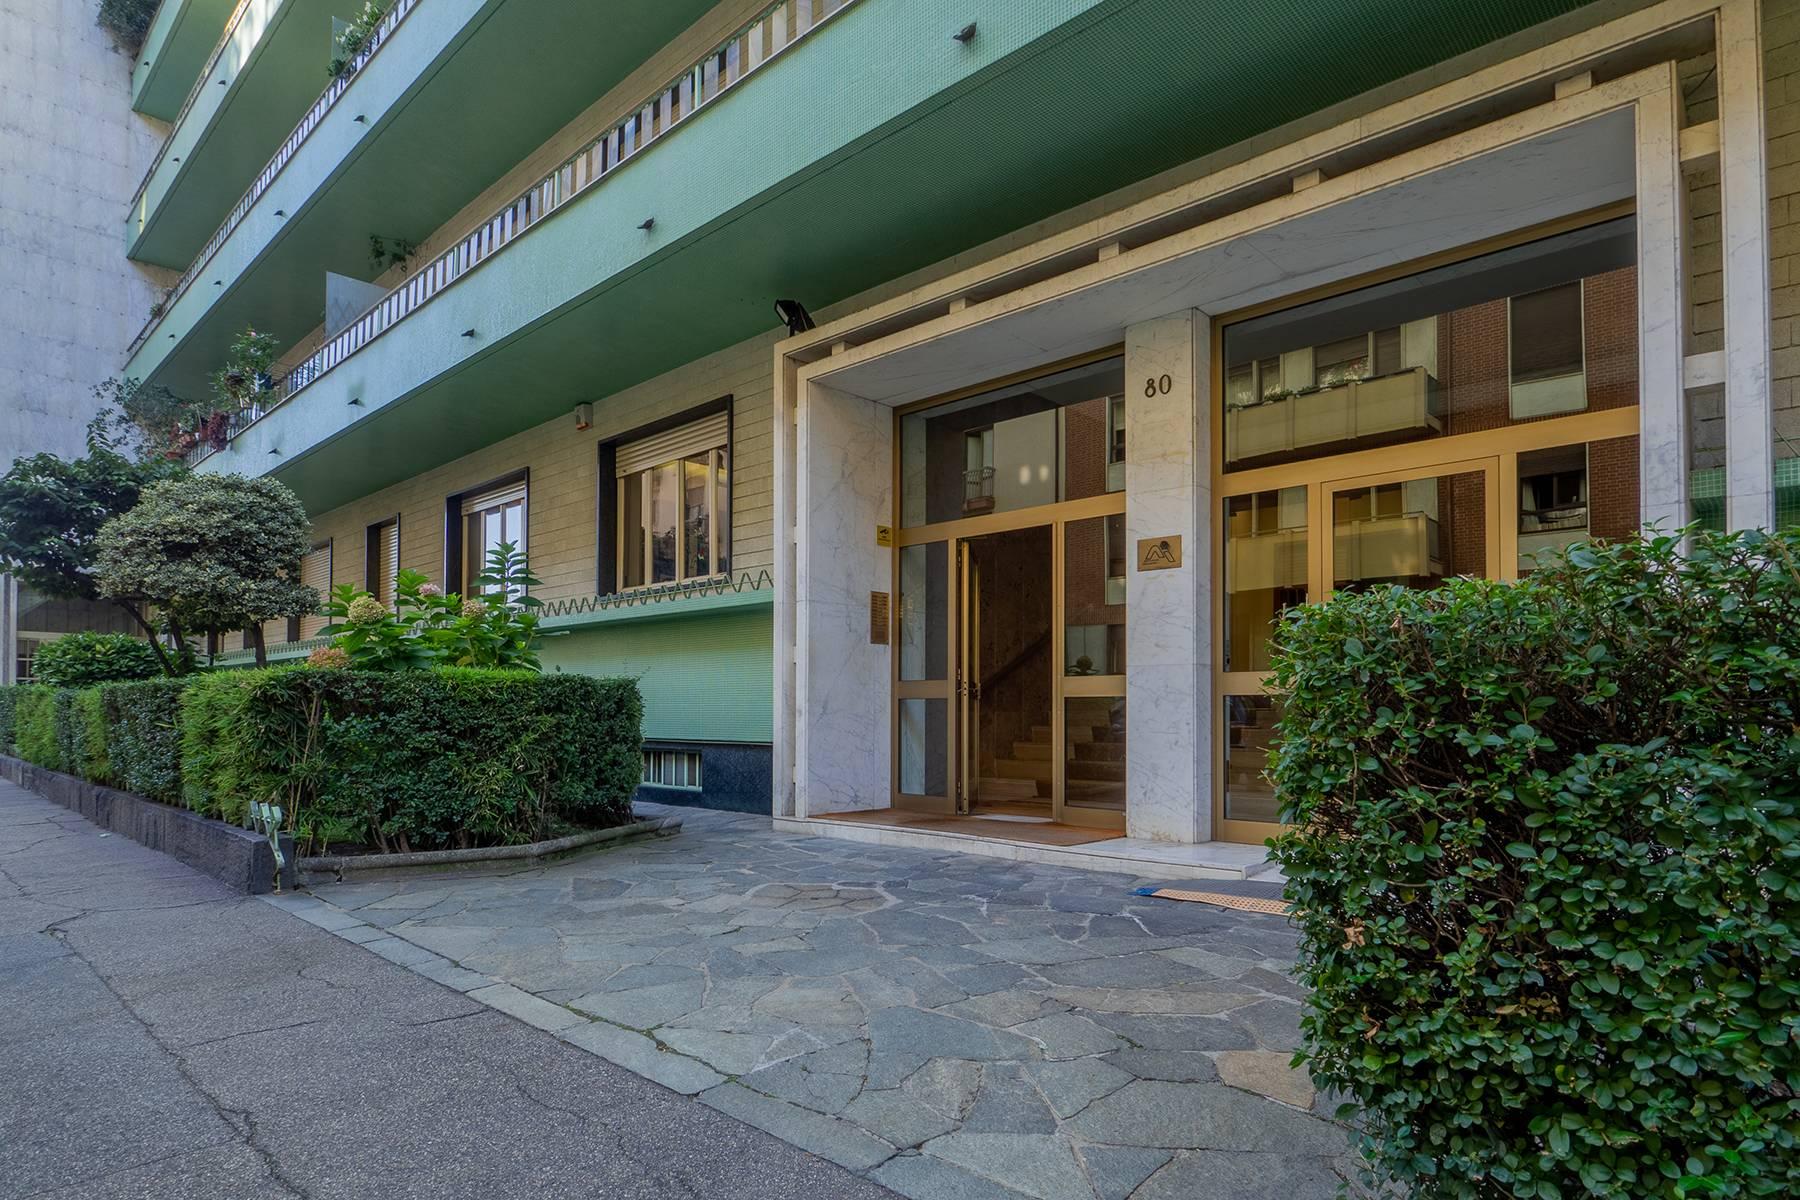 Ufficio-studio in Vendita a Torino: 2 locali, 89 mq - Foto 4